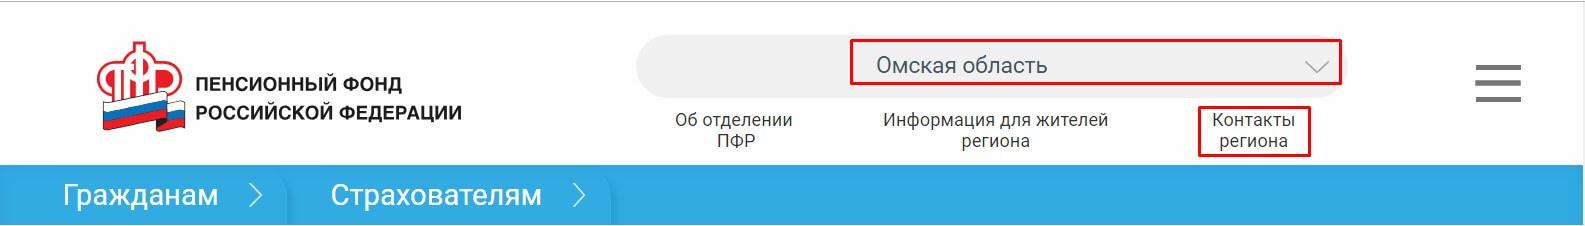 пенсионный фонд Омска